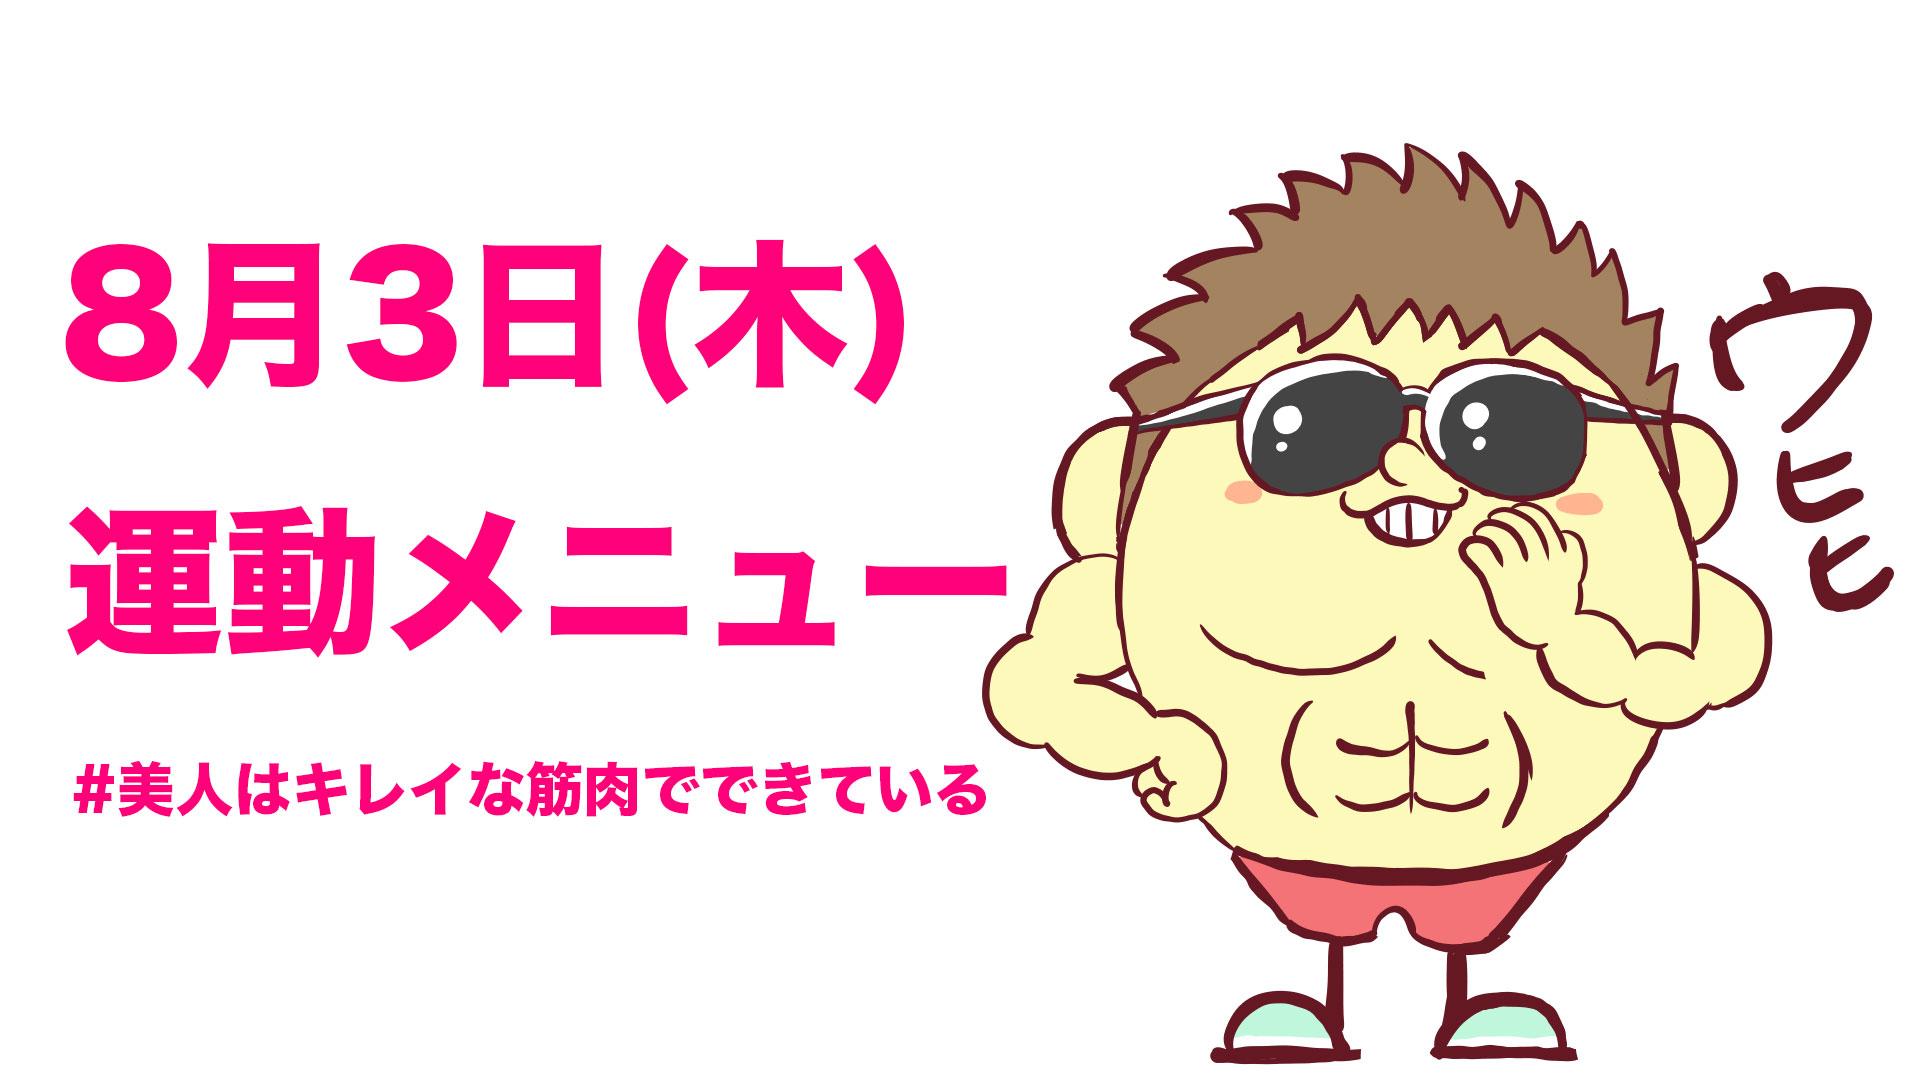 8/3の運動メニュー!